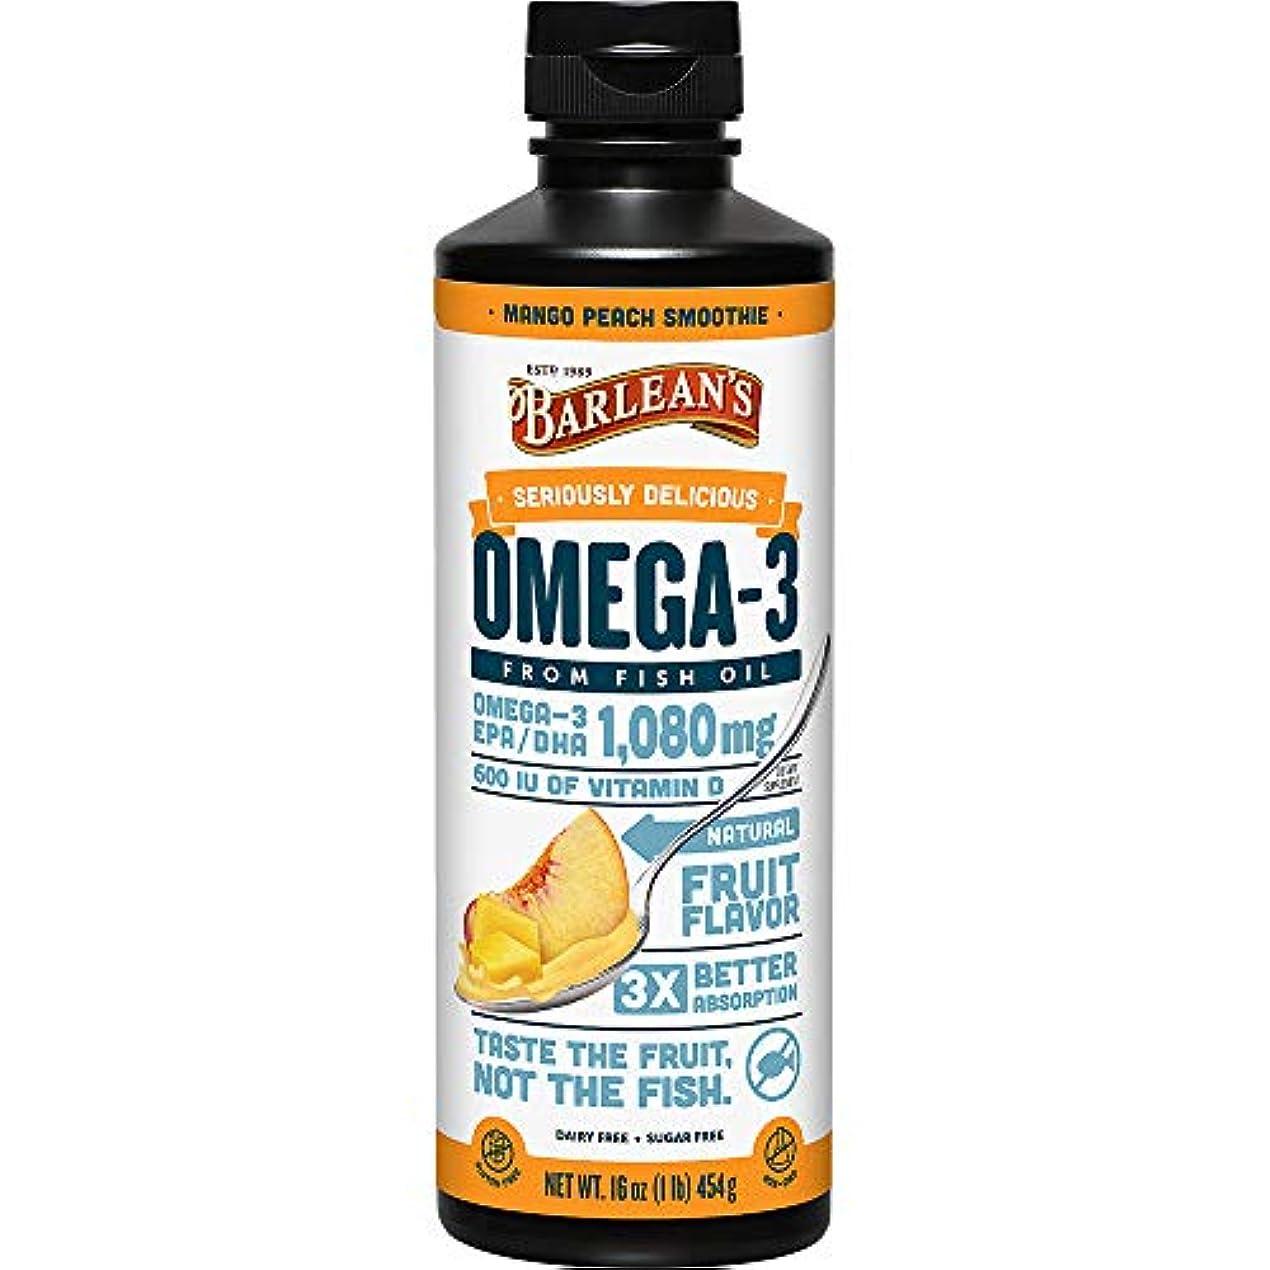 味付け頂点信念Barlean's - Omegaの渦巻Omega-の3 魚オイルのマンゴのモモ - 16ポンド